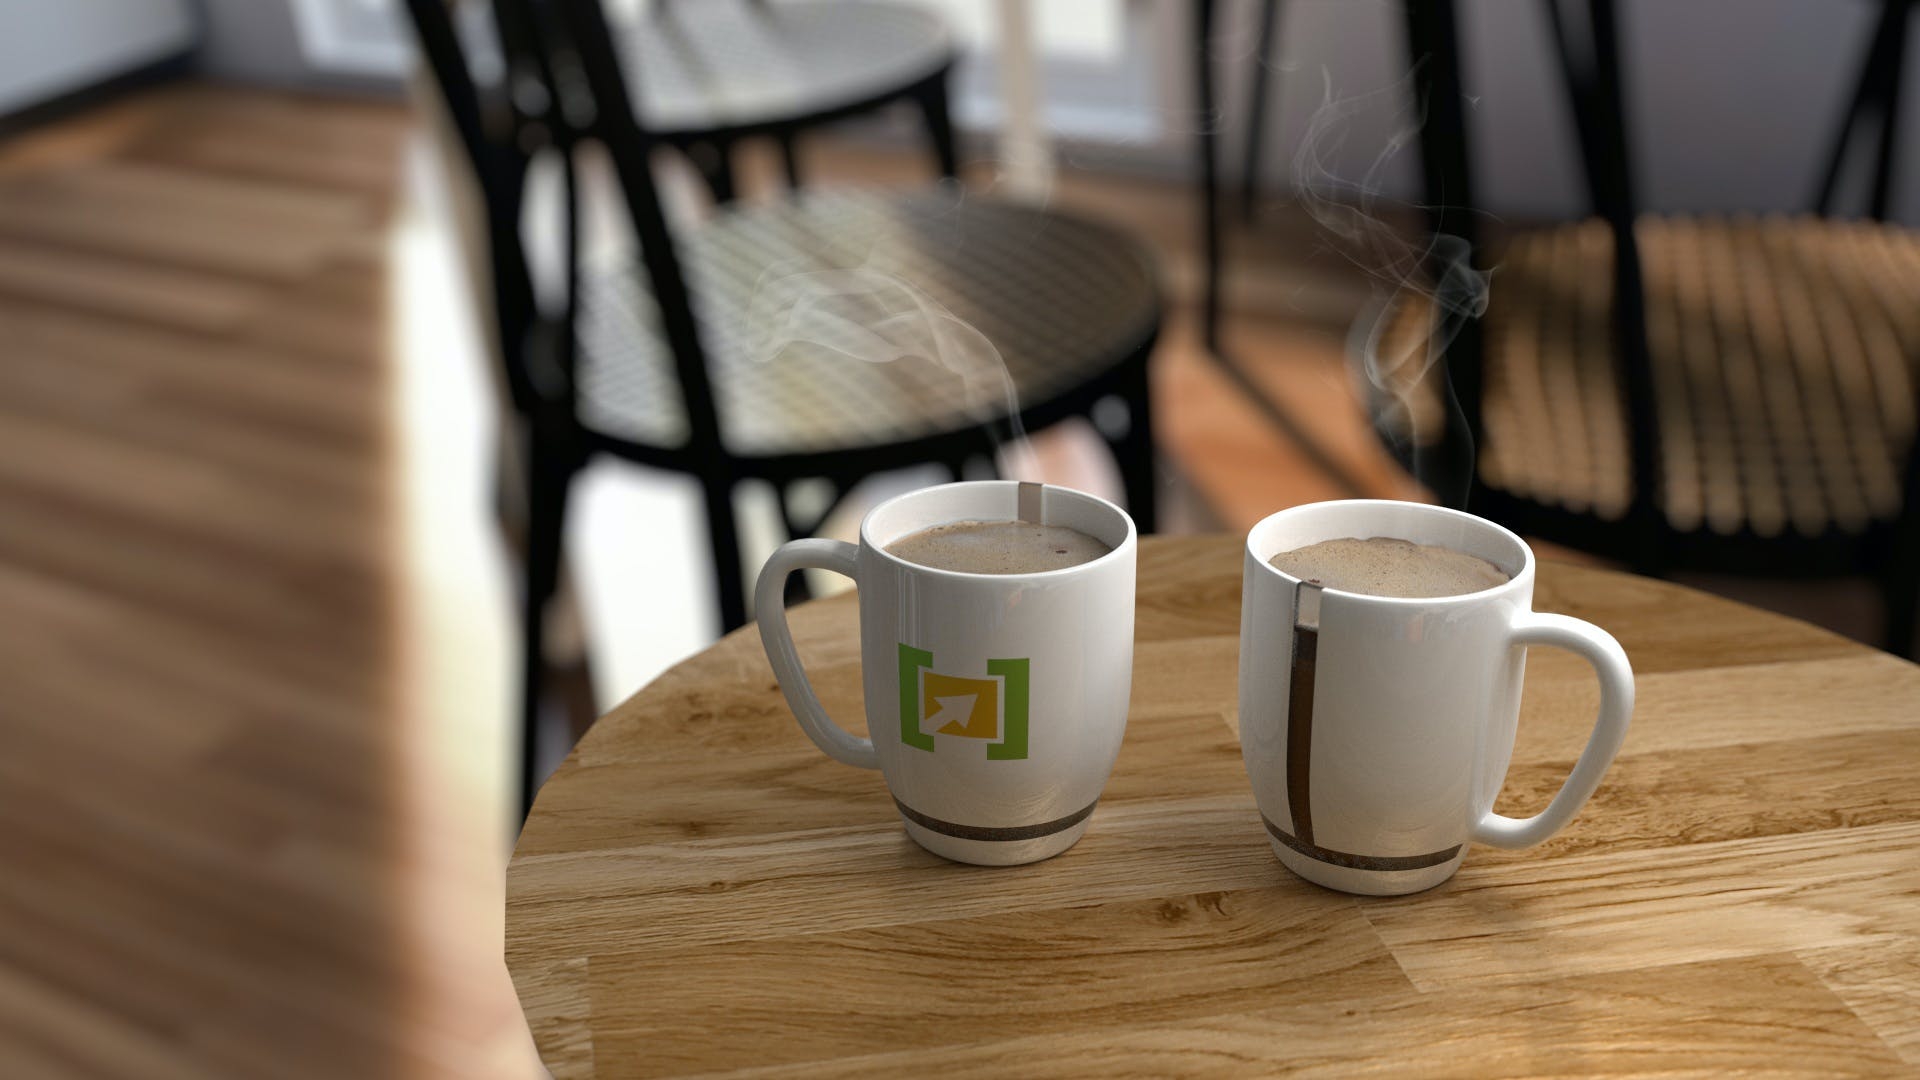 dirnk, 刷新, 咖啡, 持械搶劫 的 免费素材照片